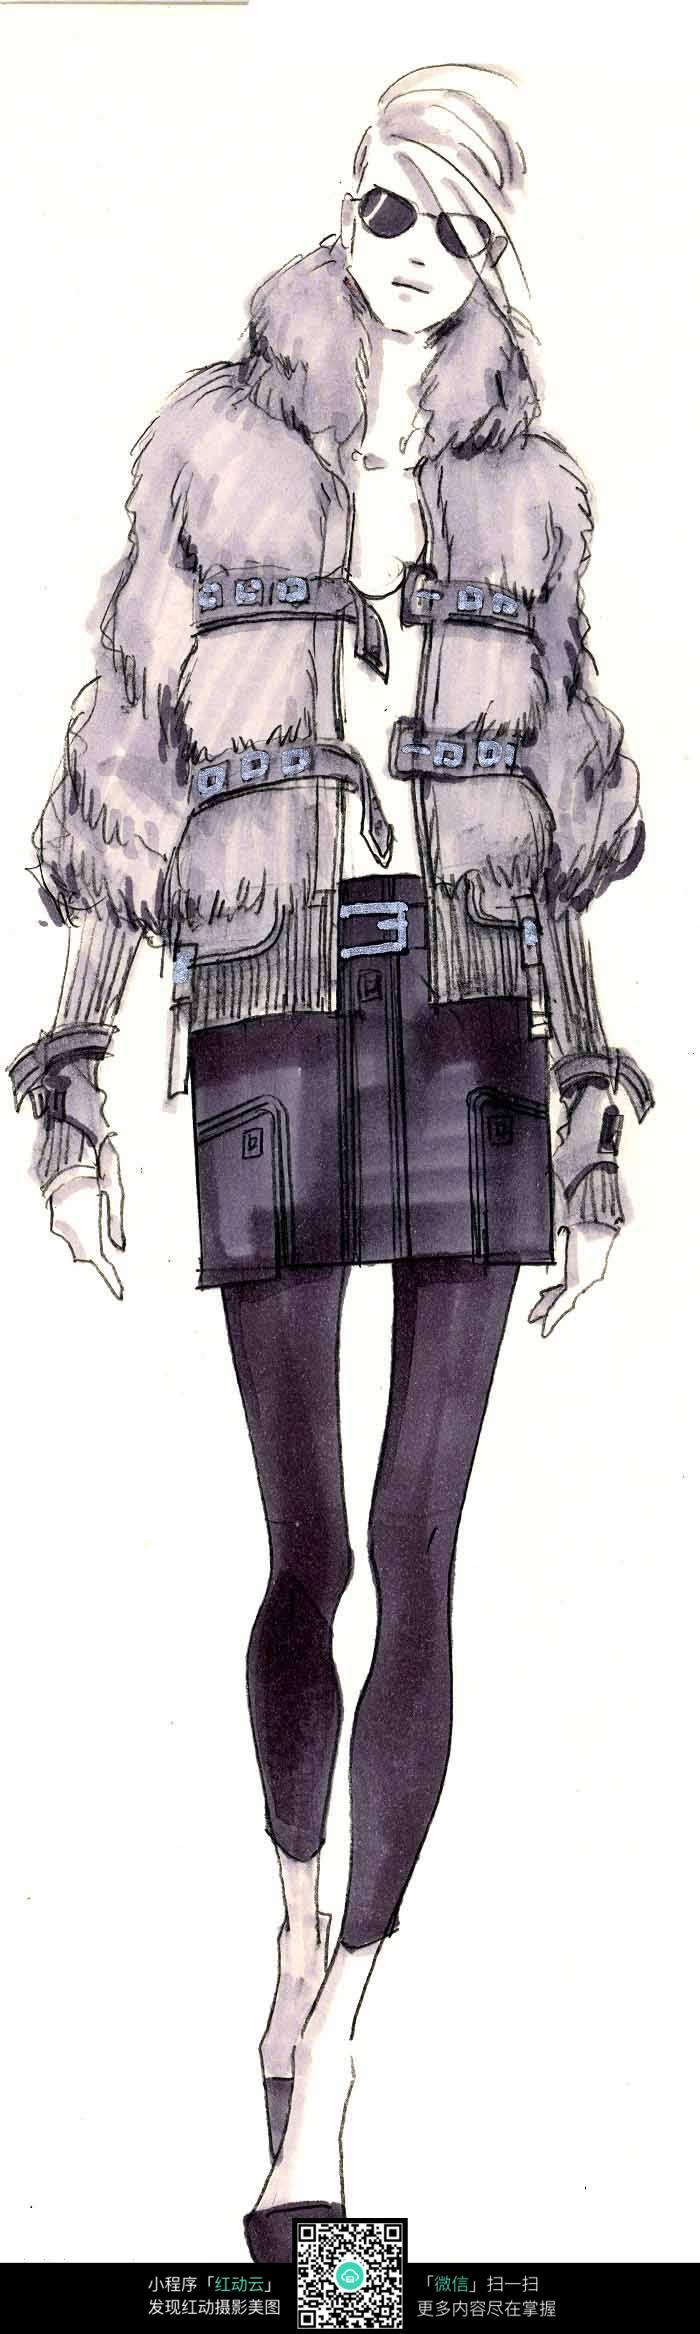 服装设计手绘稿